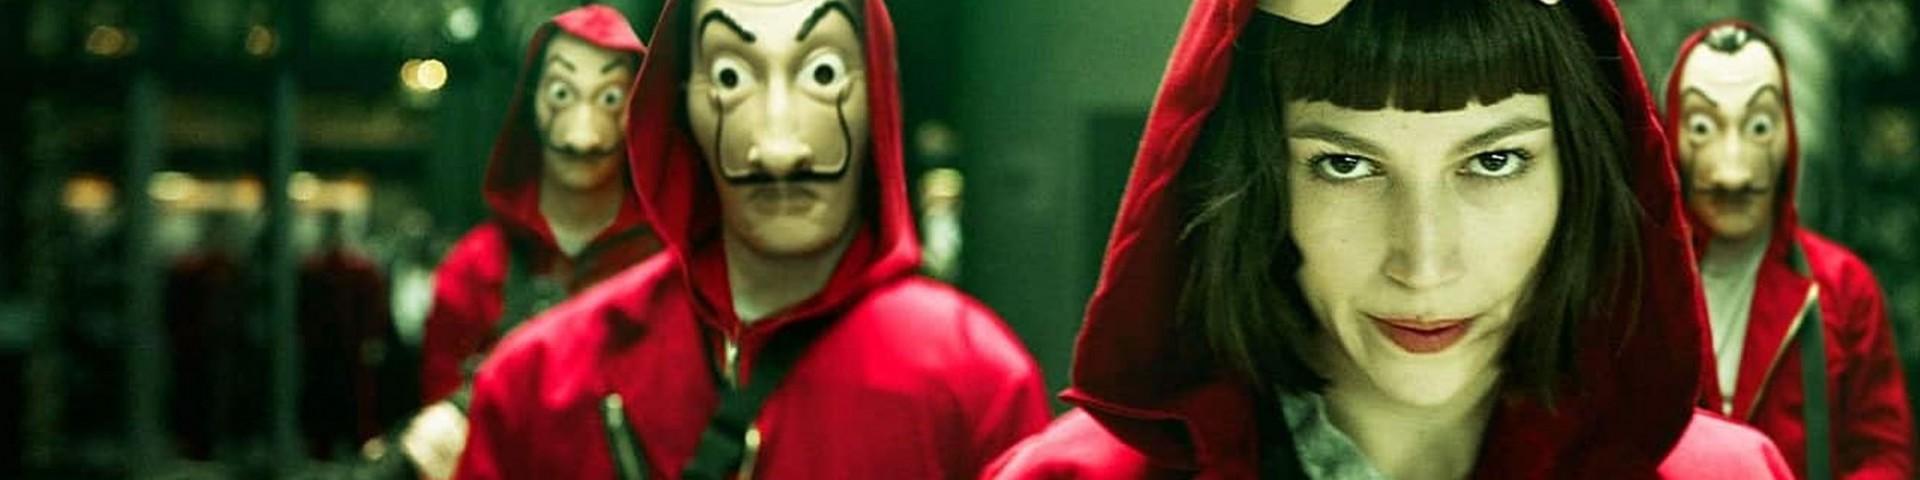 La Casa di Carta 4: cast, trailer e colonna sonora